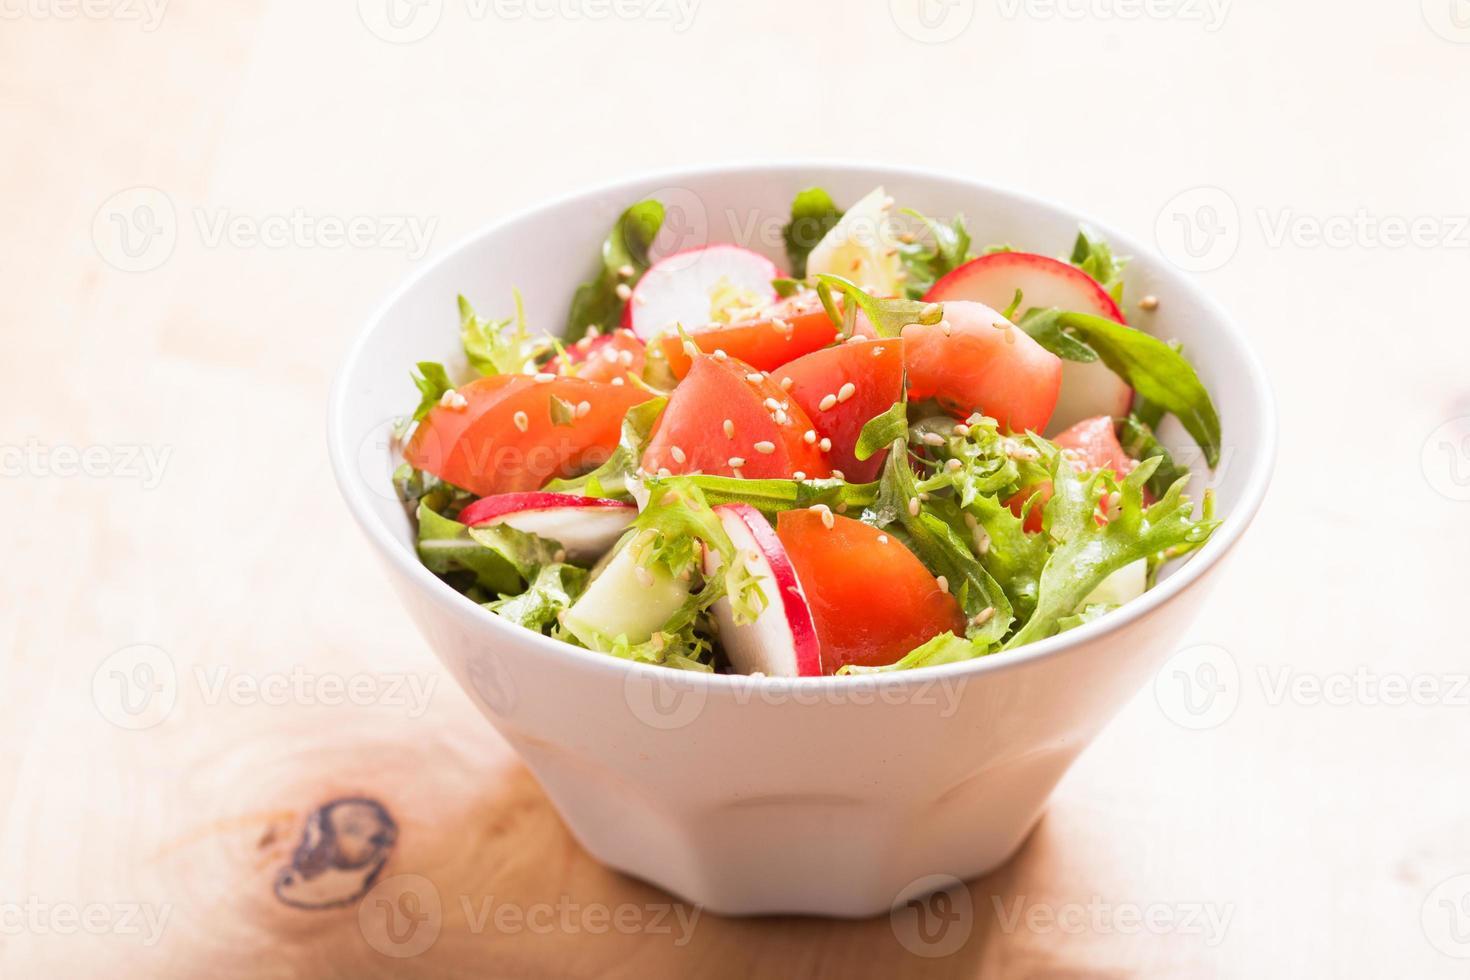 salade met sesamzaadjes foto